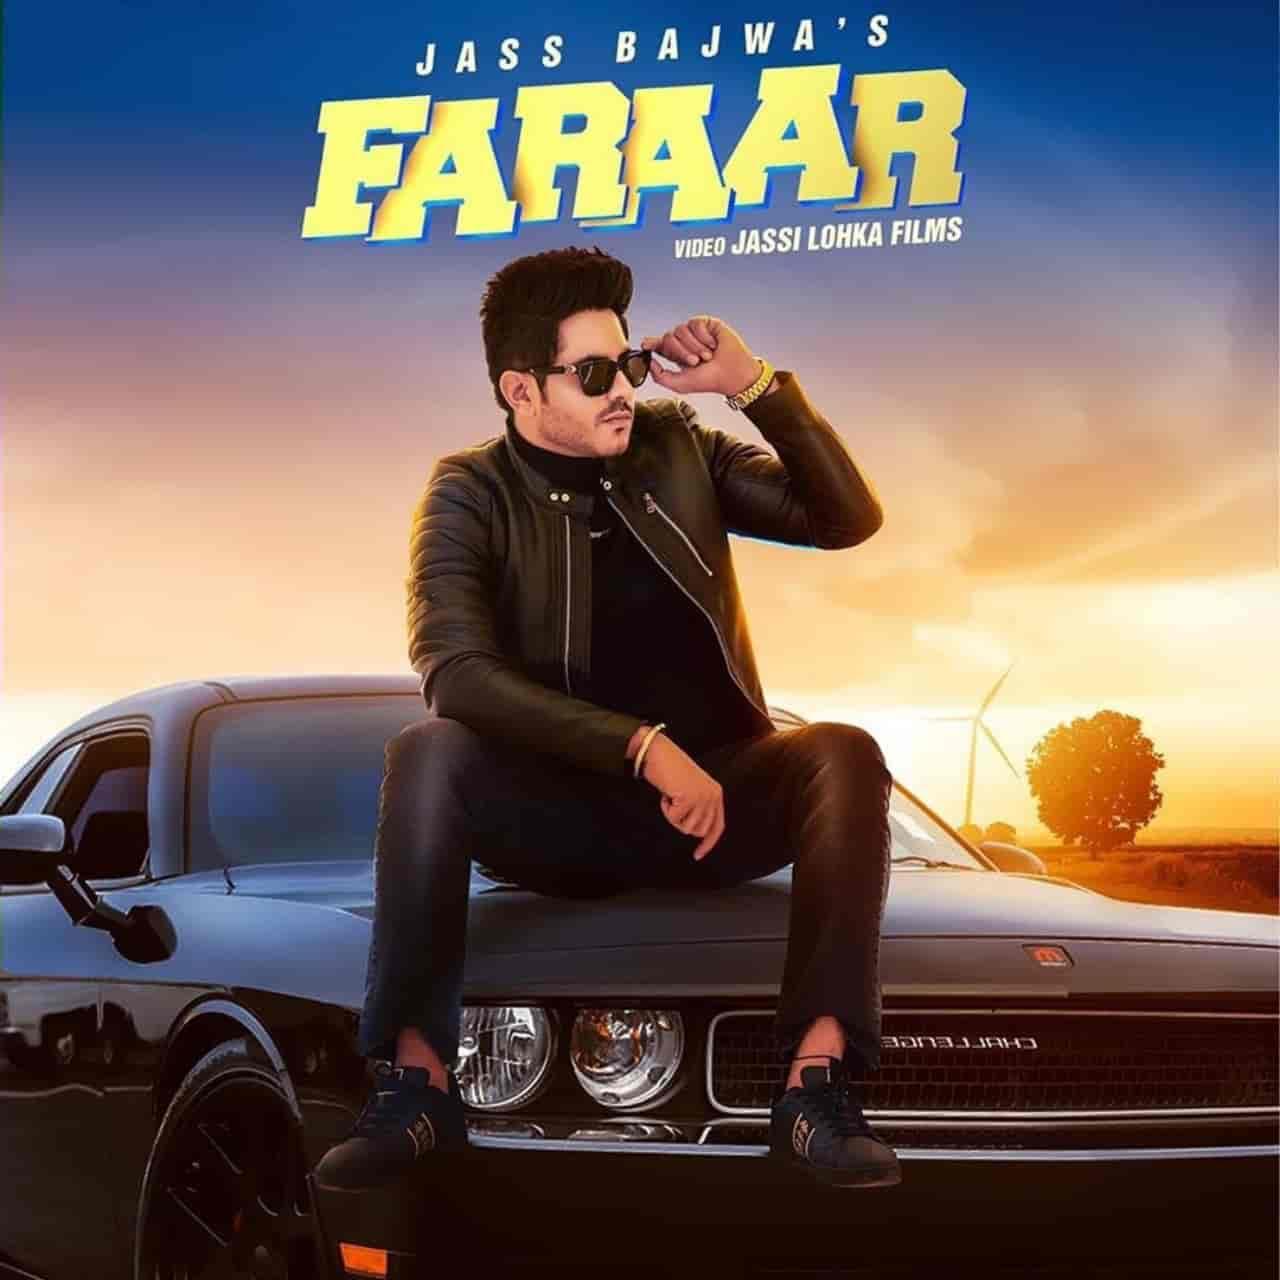 Faraar Song image By Jass Bajwa